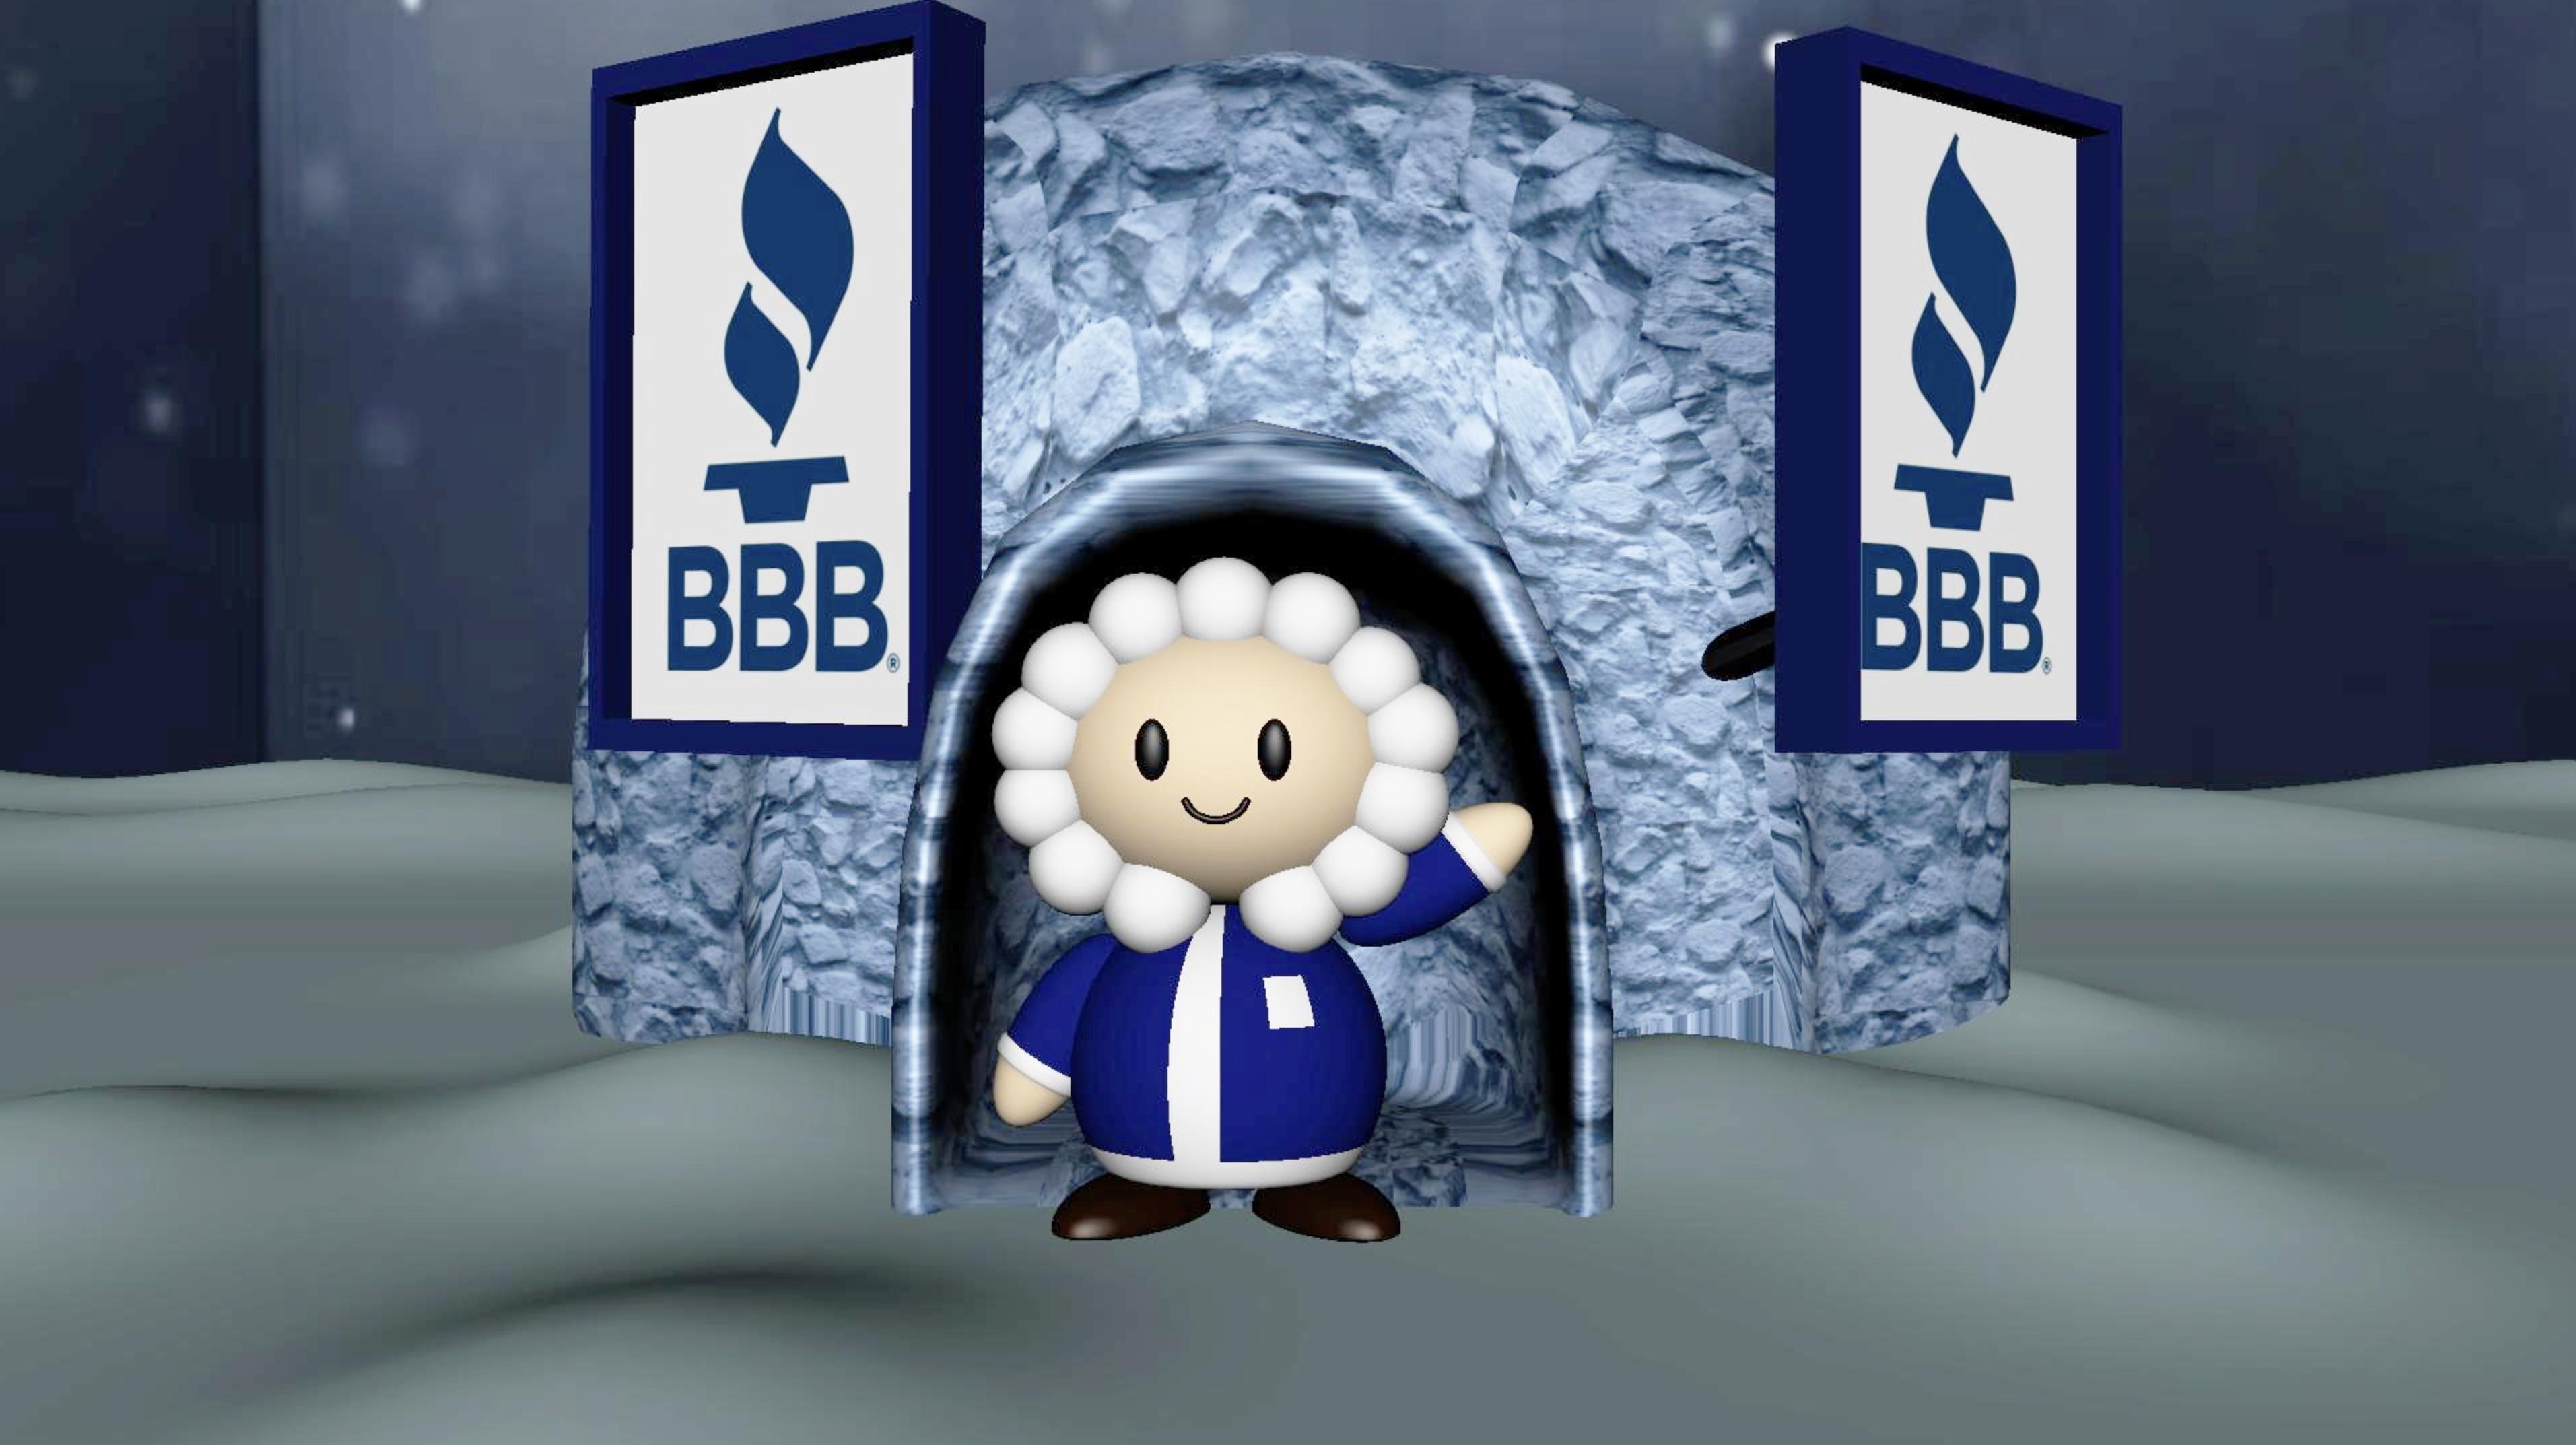 BBB Sno Cones